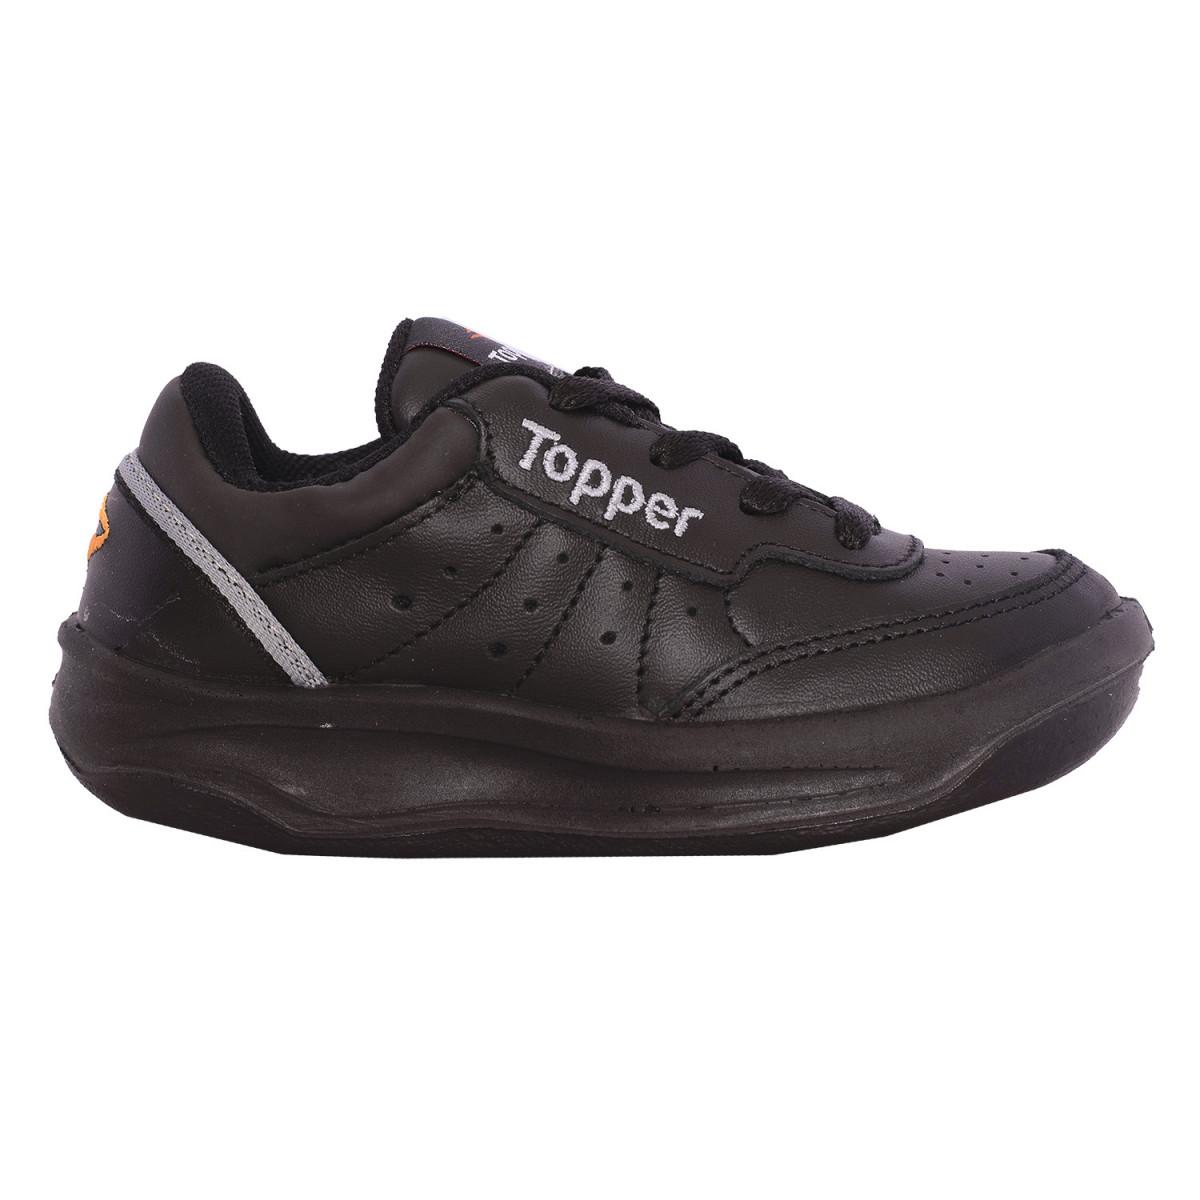 Zapatillas Topper X Forcer Kids